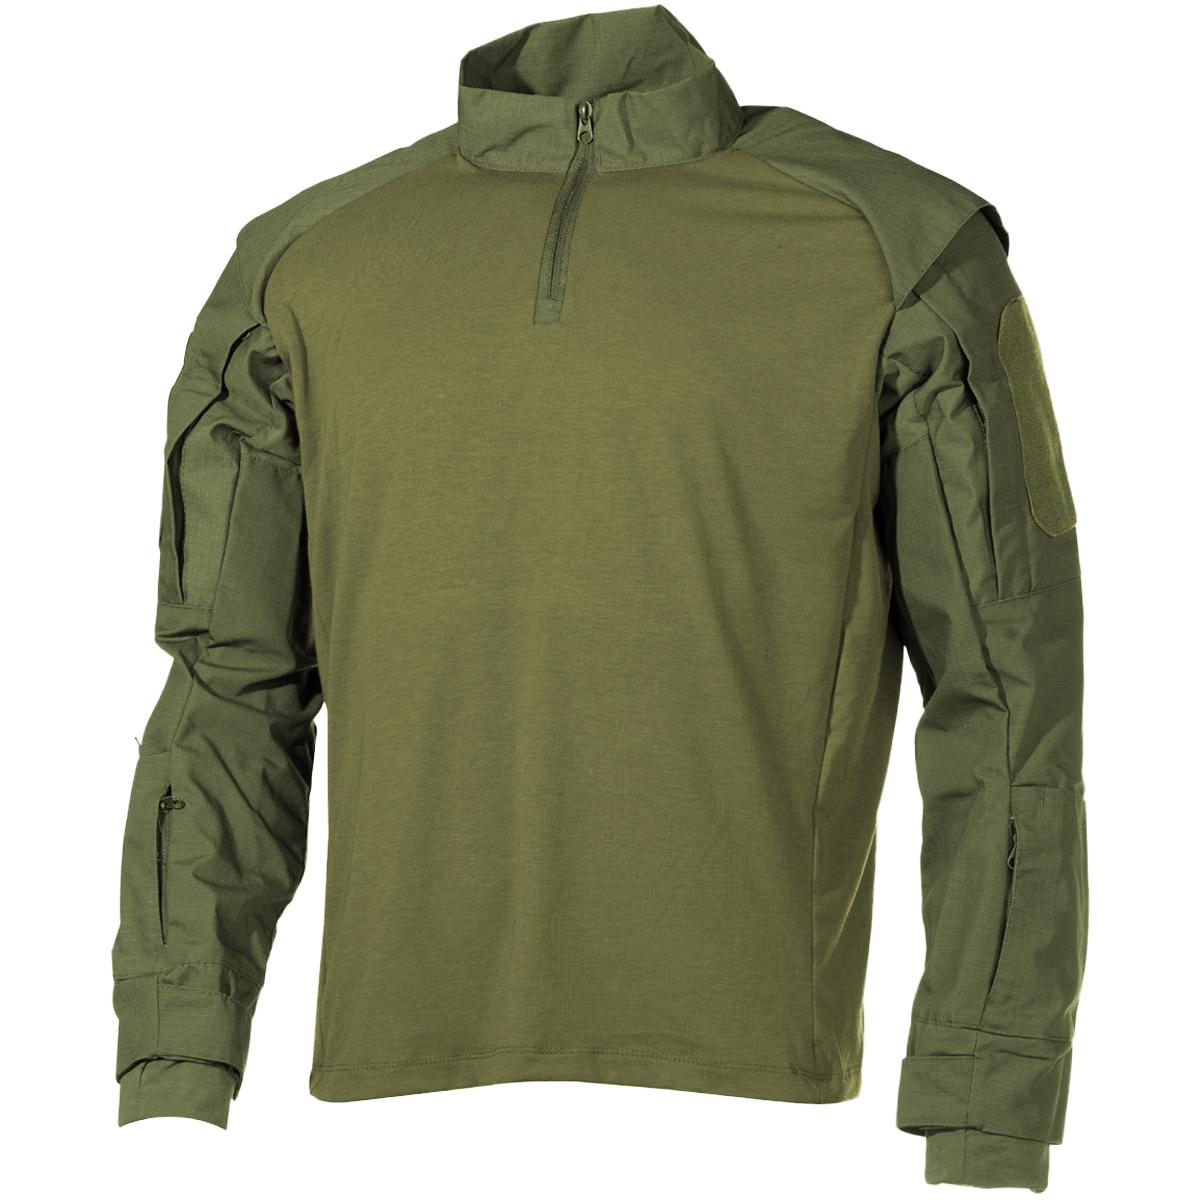 0d1d88eaf58 Sentinel MFH US Tactical Shirt Mens Combat Military Airsoft UBACS Hunting  Top OD Green